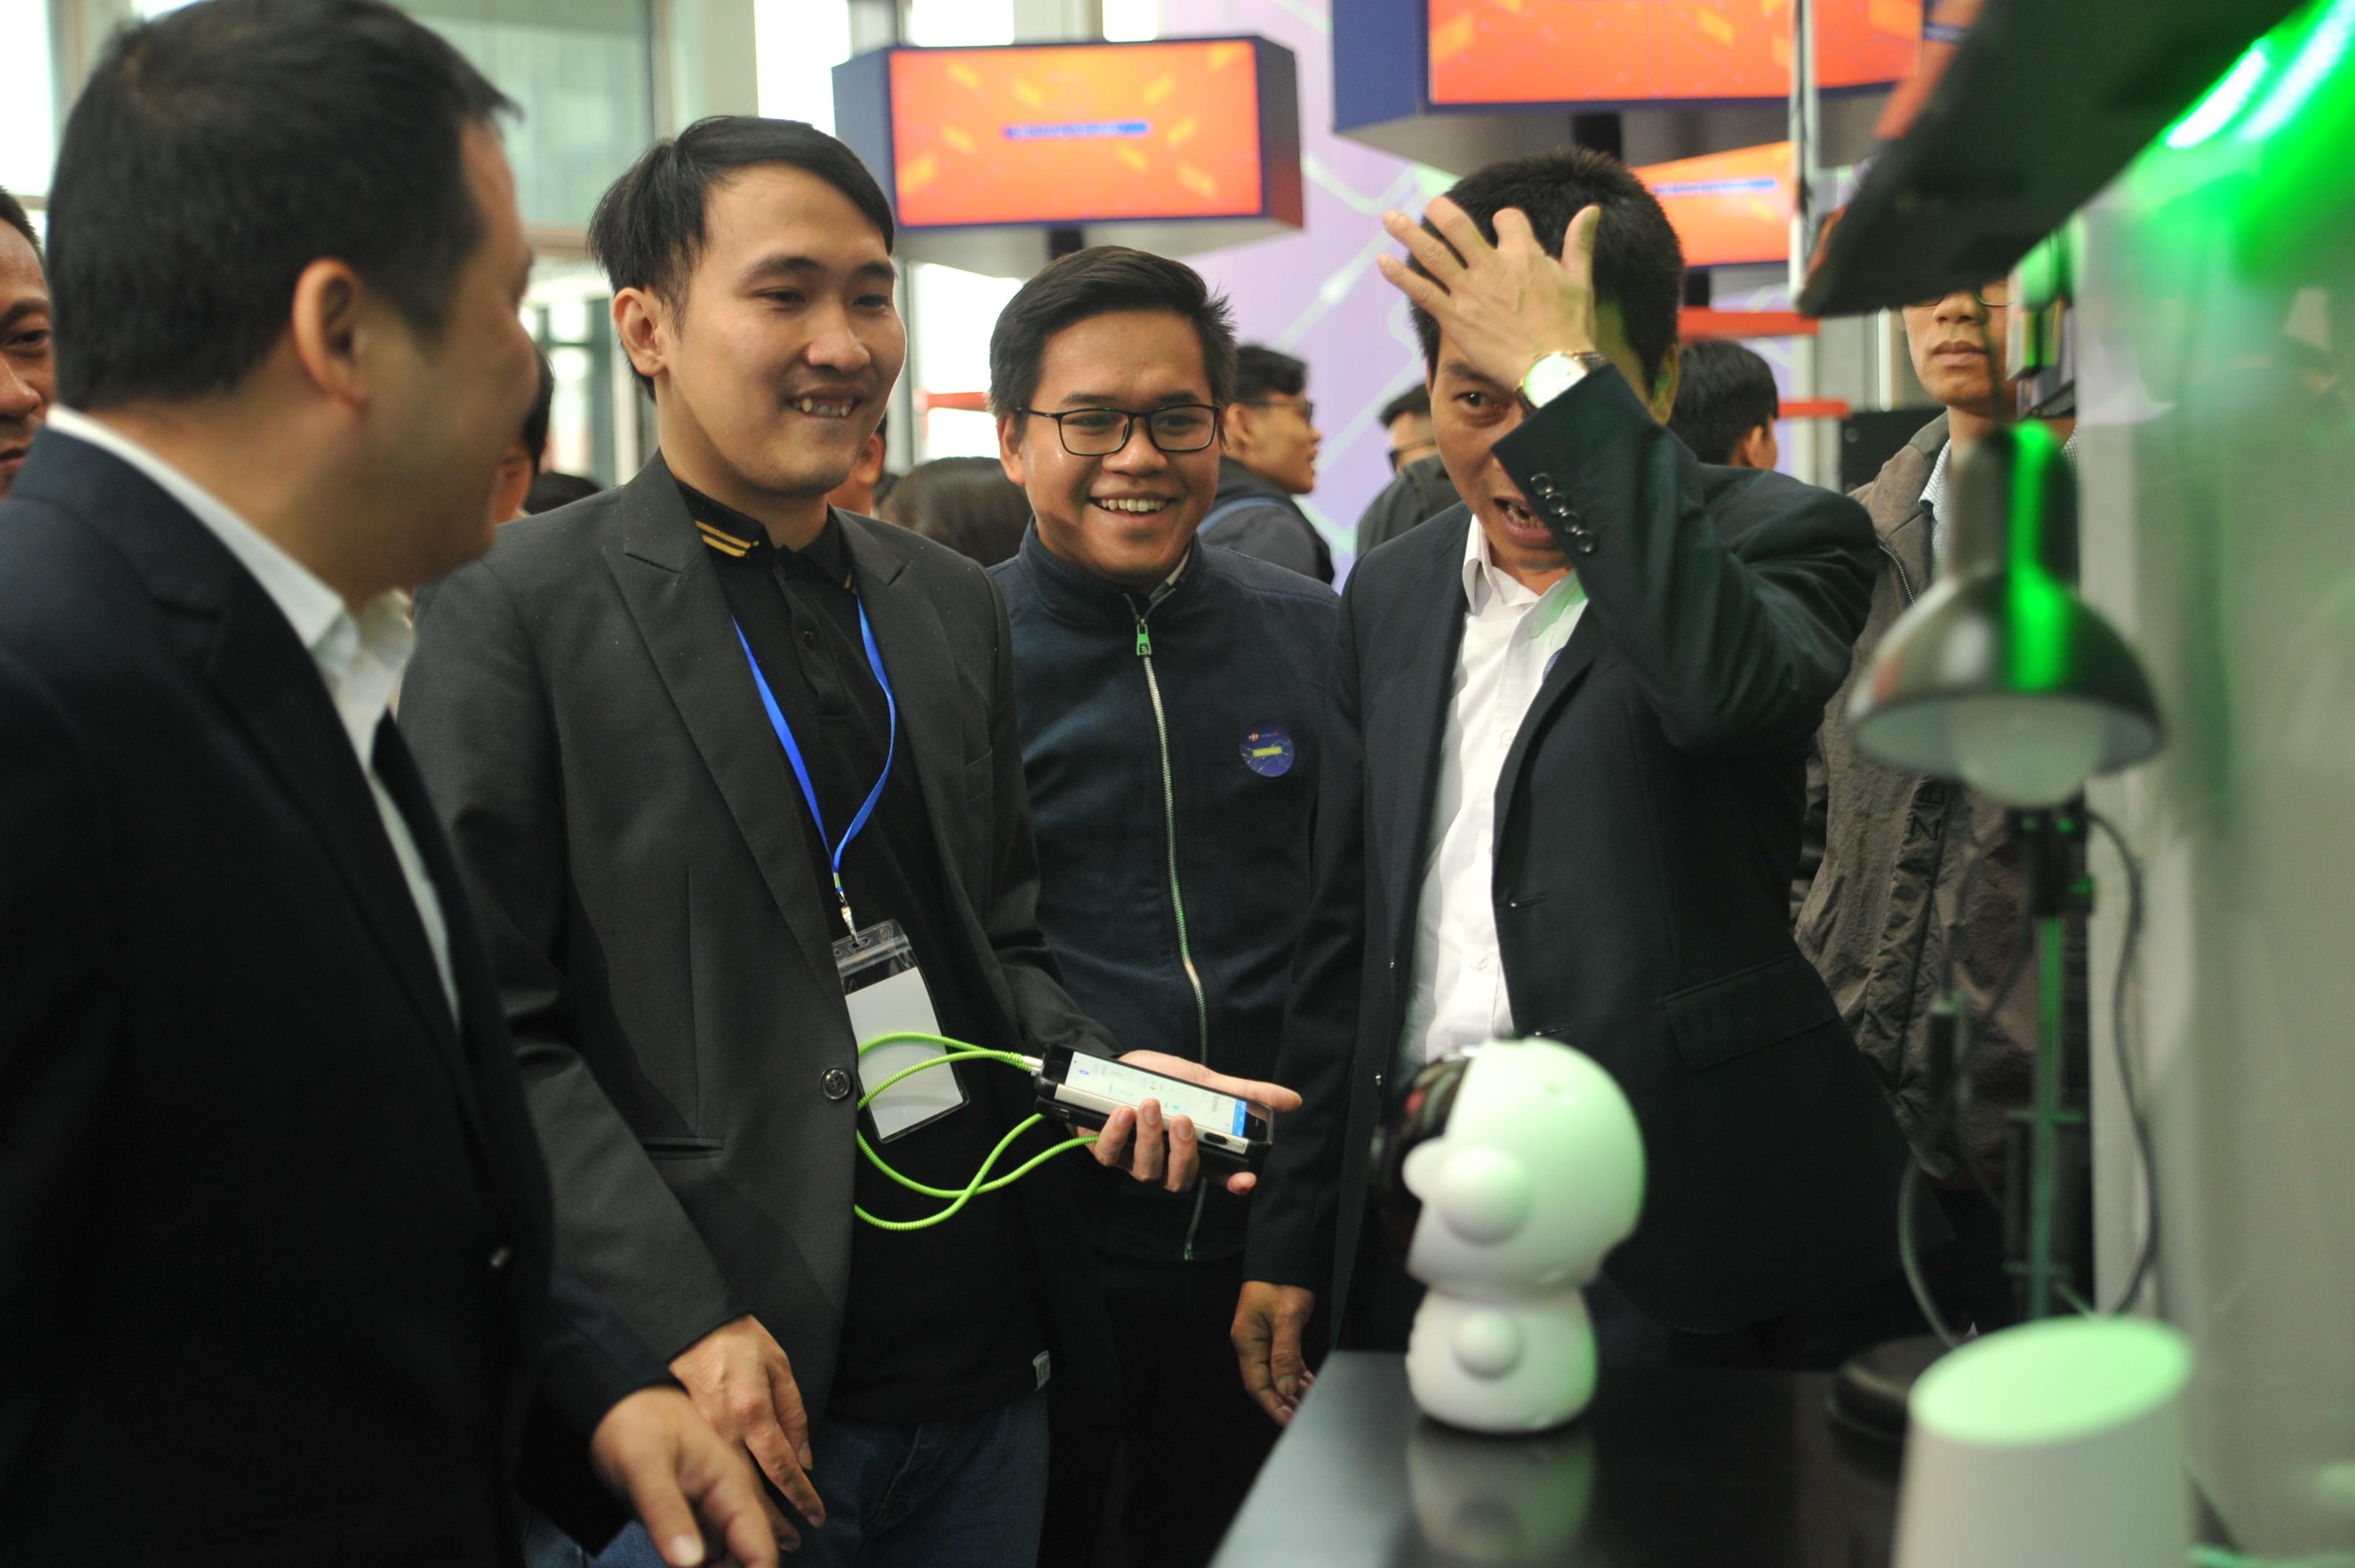 Tại triển lãm công nghệ lần này, FPT cũng ra mắt FPT Play Rogo. Sản phẩm mới không chỉ kết nối với các thiết bị Wi-fi mà còn hợp tác với các đơn vị sản xuất thiết bị thông minh. Từ 2020 các thiết bị của Điện Quang và Rạng Đông cũng có thể sử dụng và kết nối trực tiếp với FPT Play Rogo mà không cần qua thiết bị trung gian. Với nền tảng này, cho phép các doanh nghiệp IoT tại việt nam thâm nhập thị trường dễ dàng hơn thông qua 200.000 sản phẩm FPT Playbox có sẵn trên thị trường.